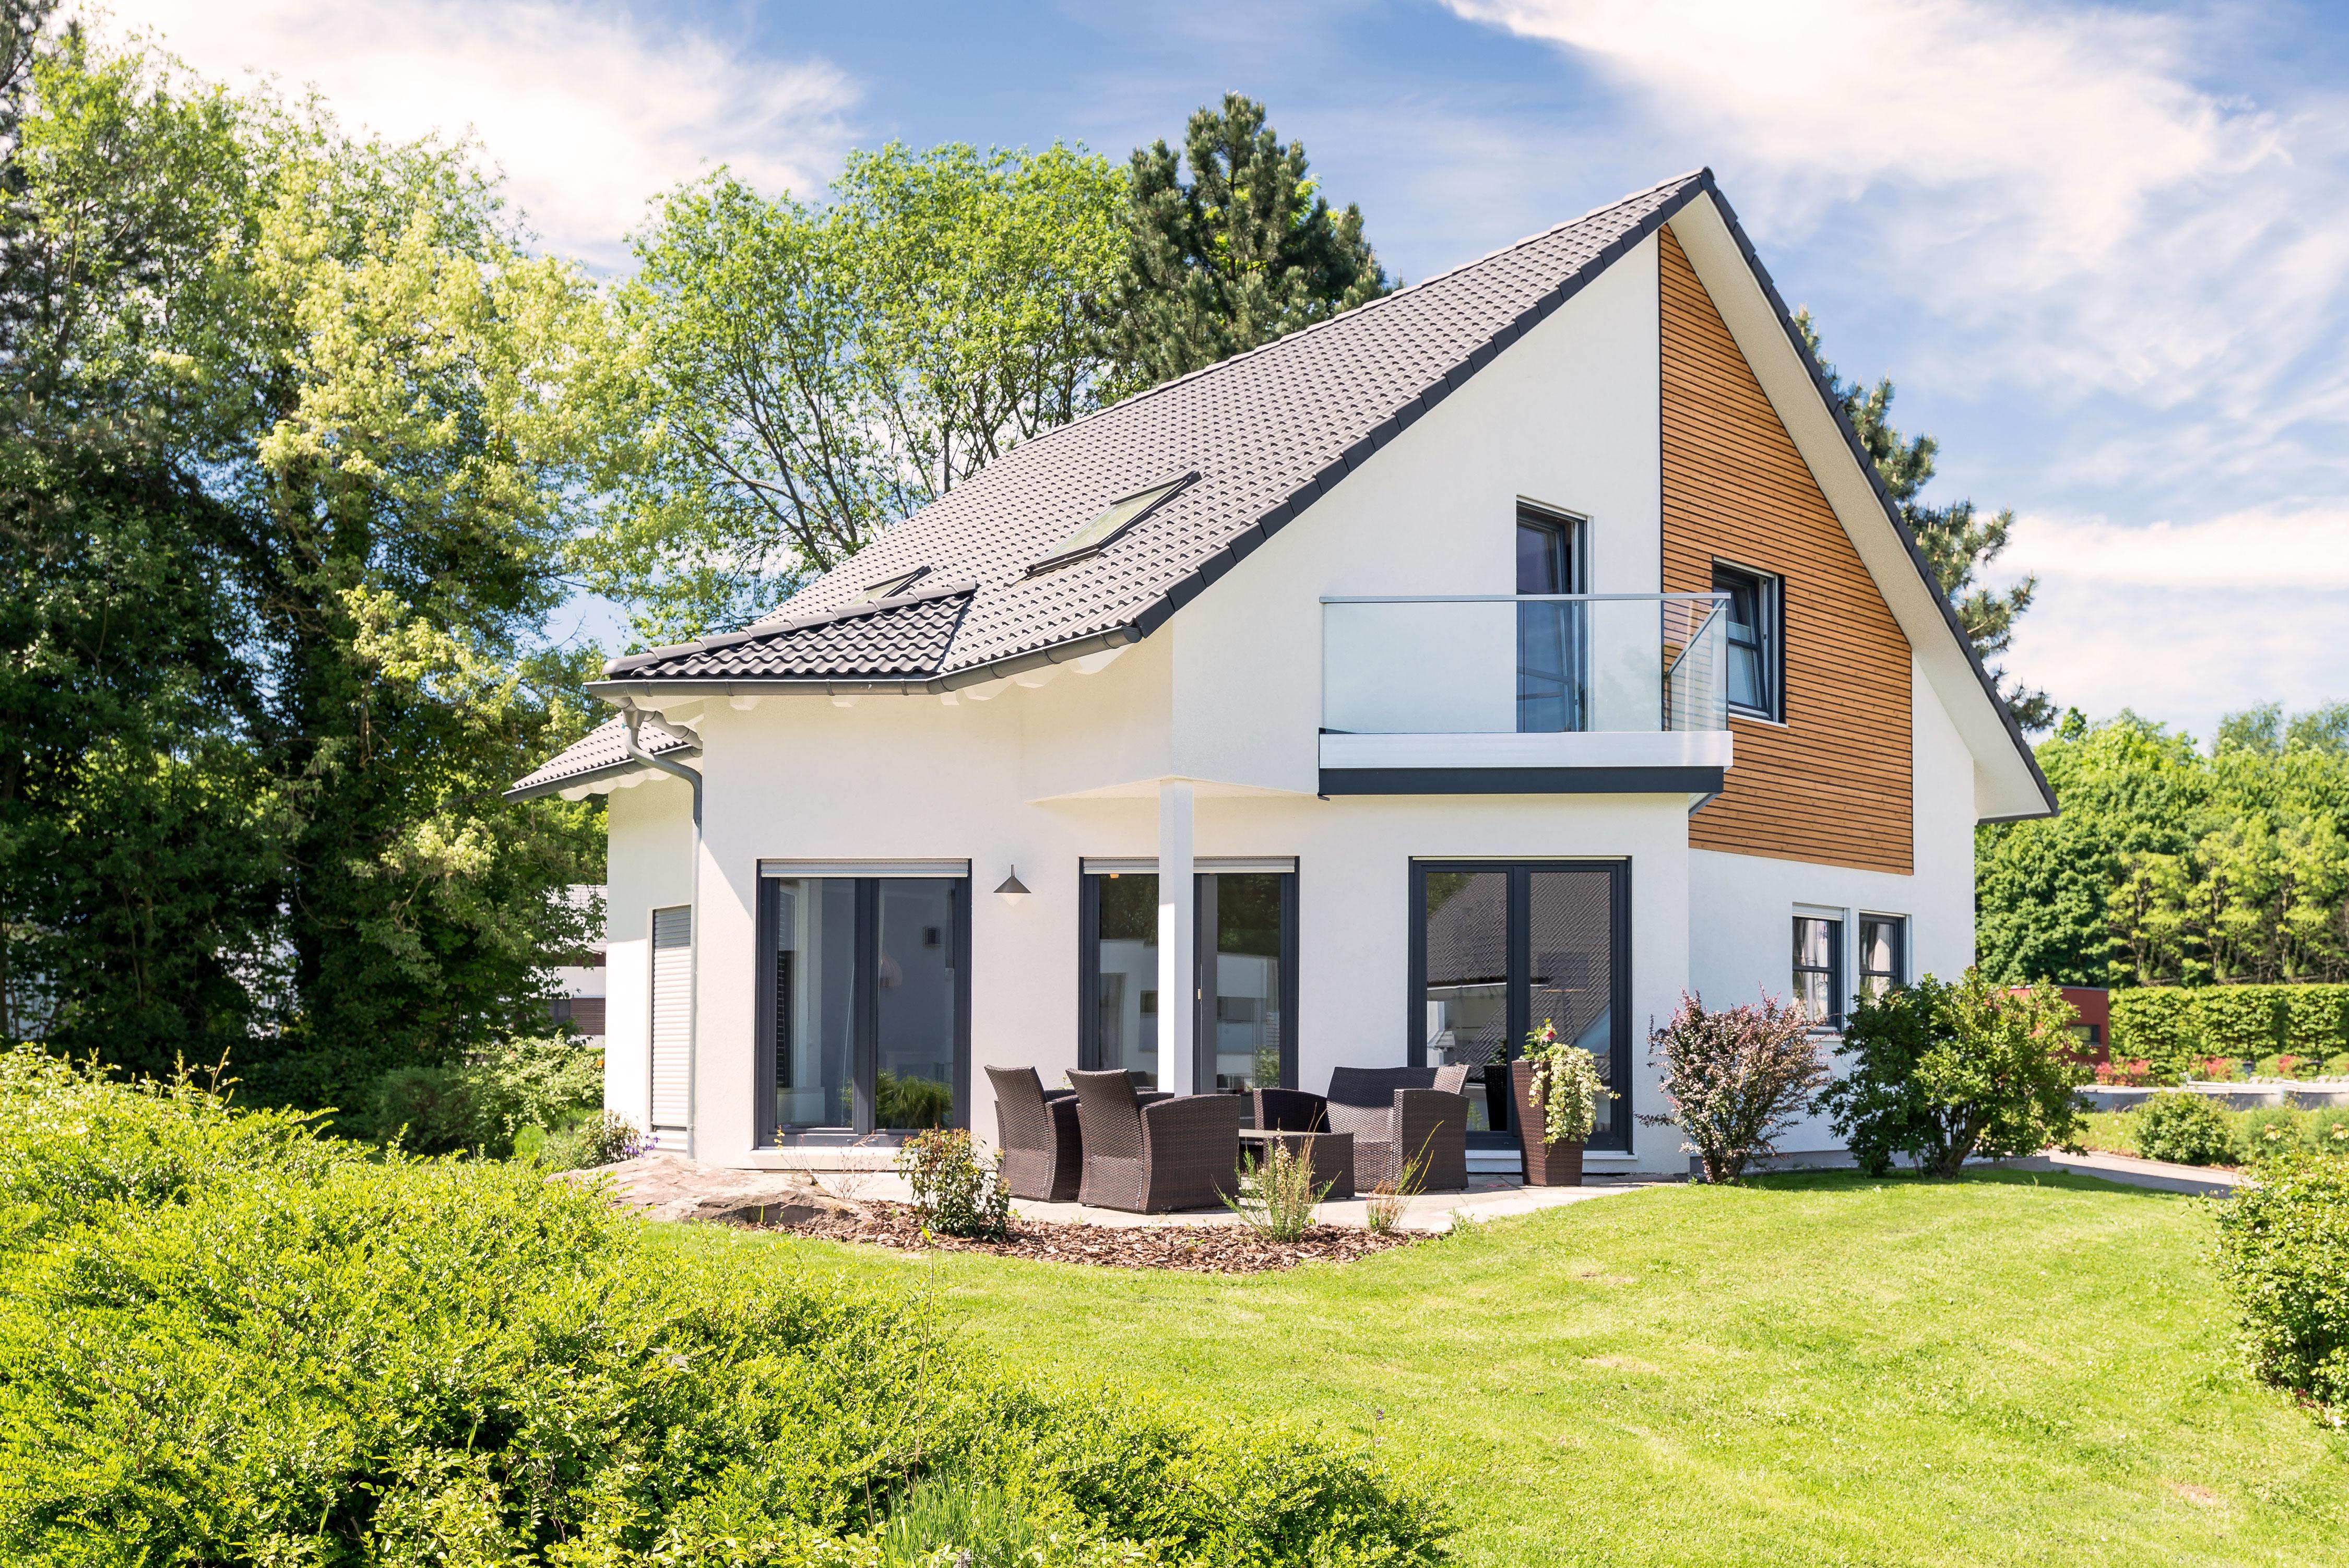 Einfamilienhaus, Wohnhaus mit Garten im Sonnenschein